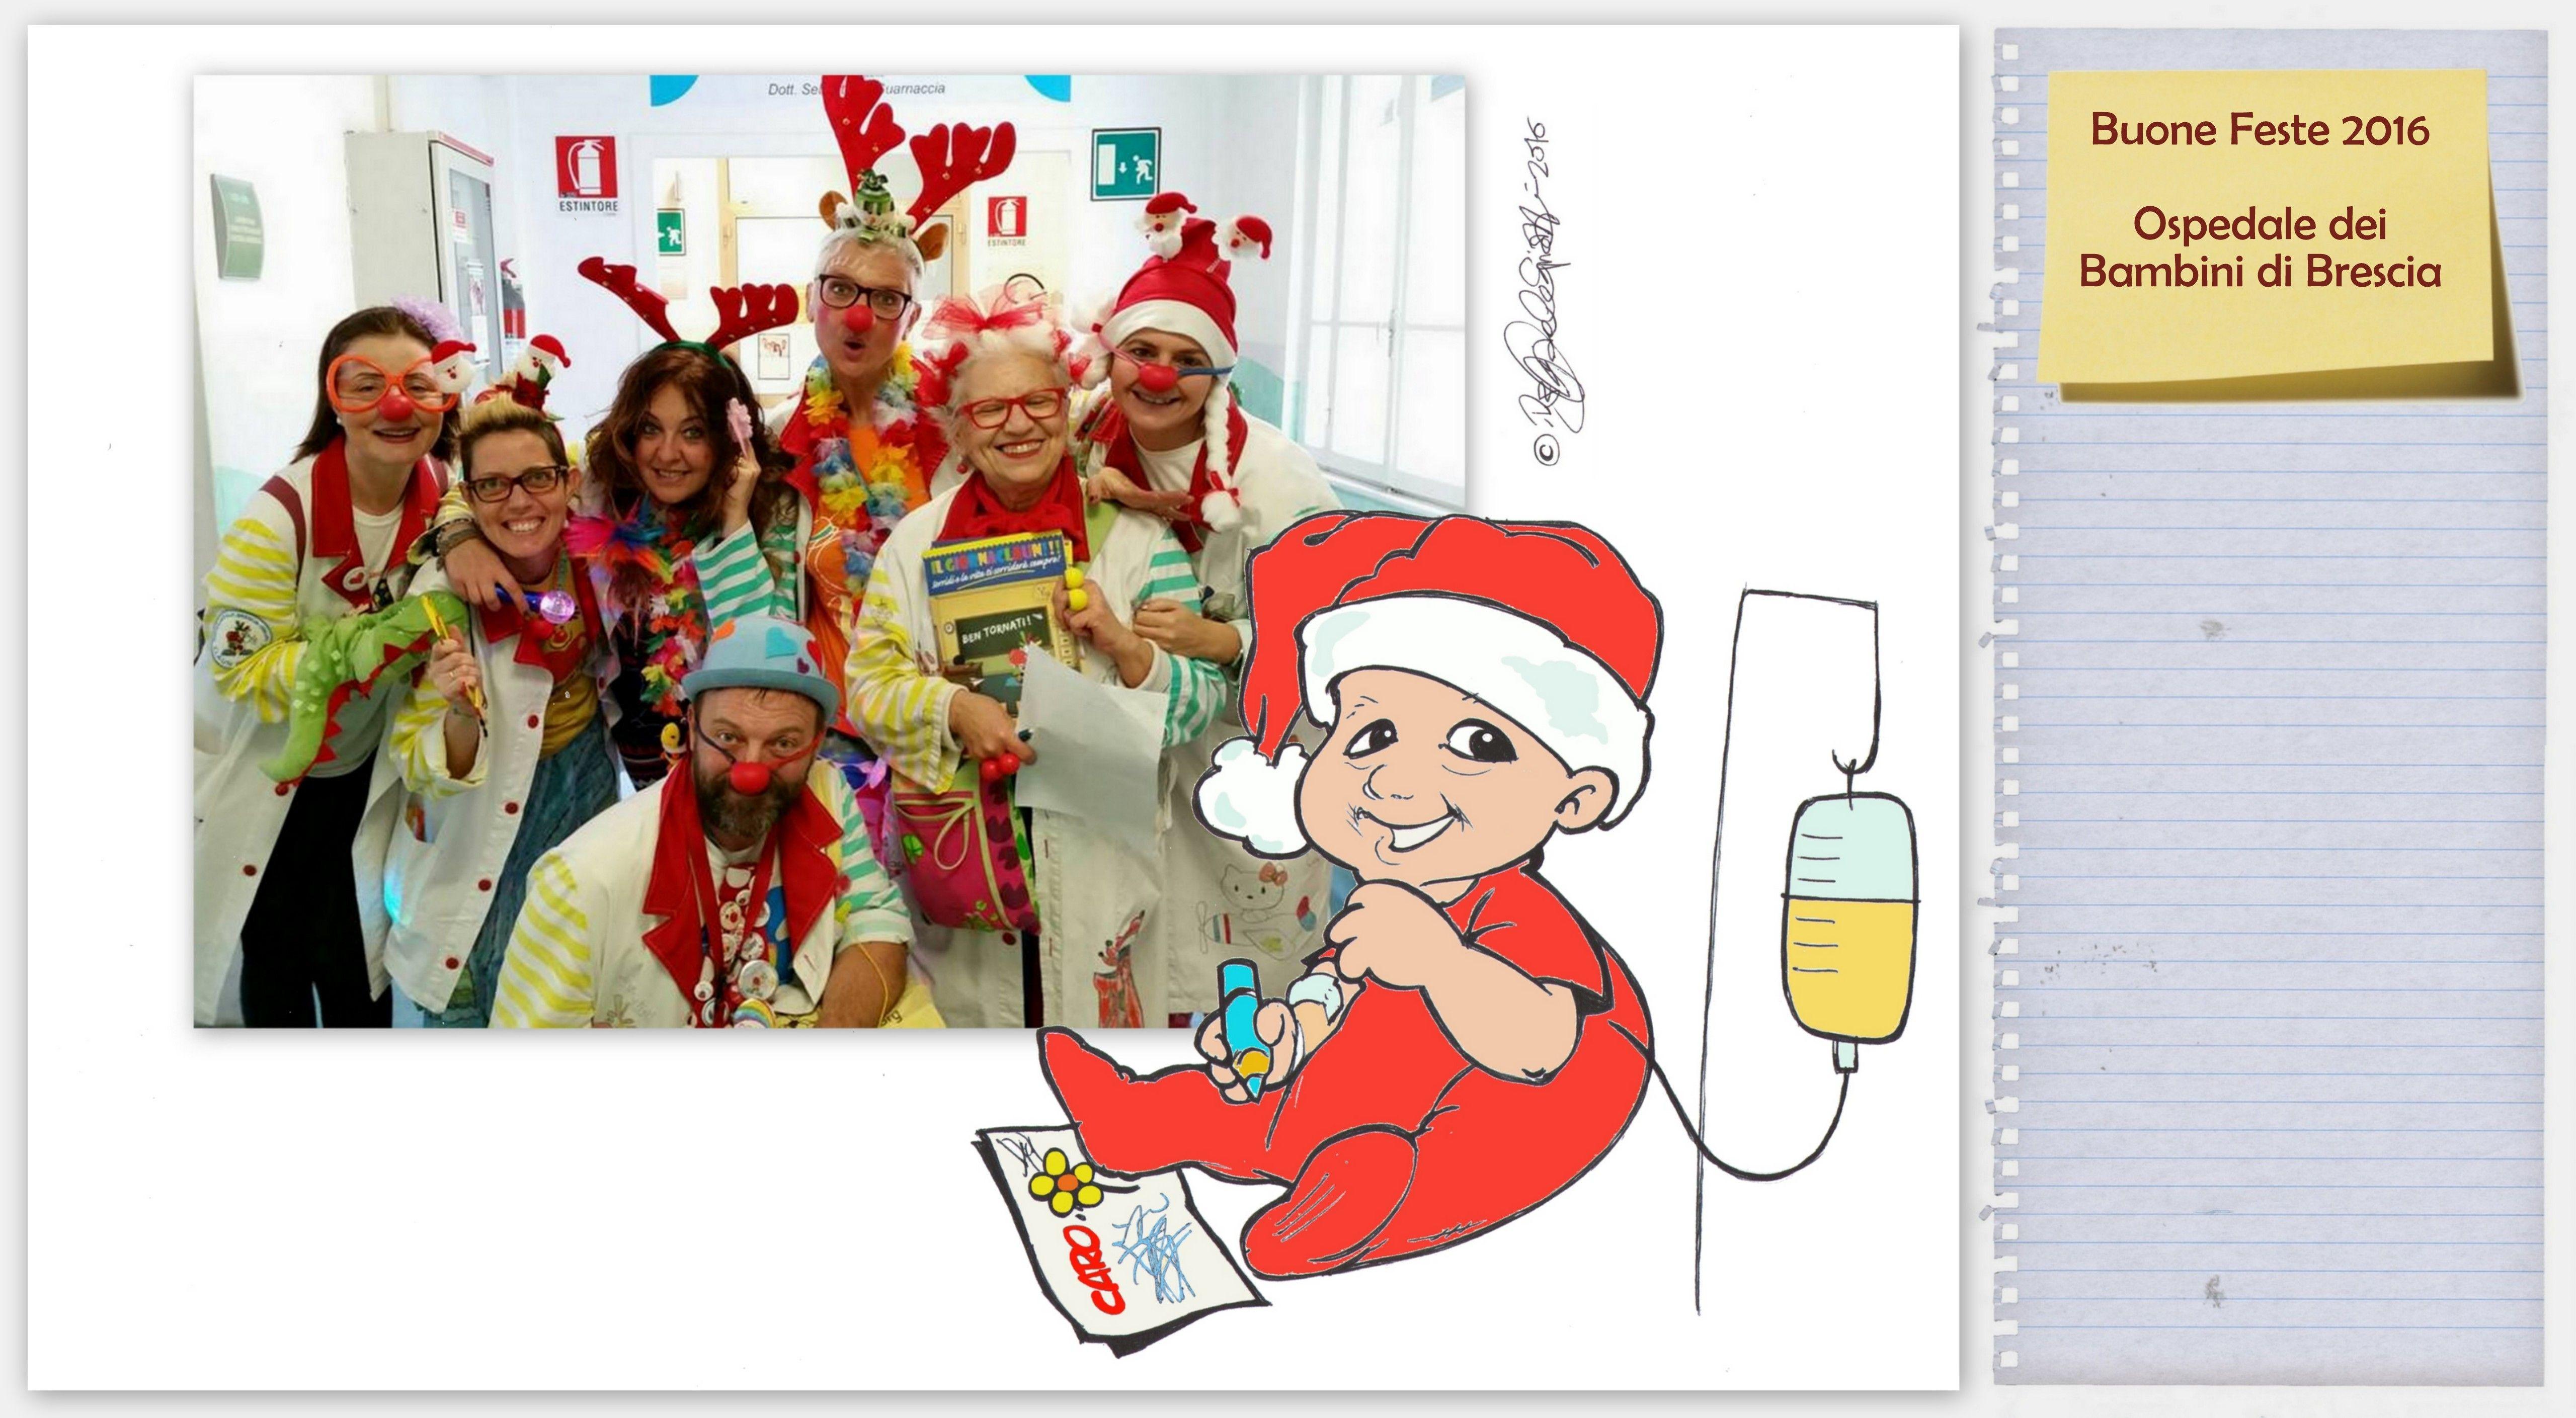 Collage Bambini ~ Buone feste ospedale dei bambini di brescia collage e biro